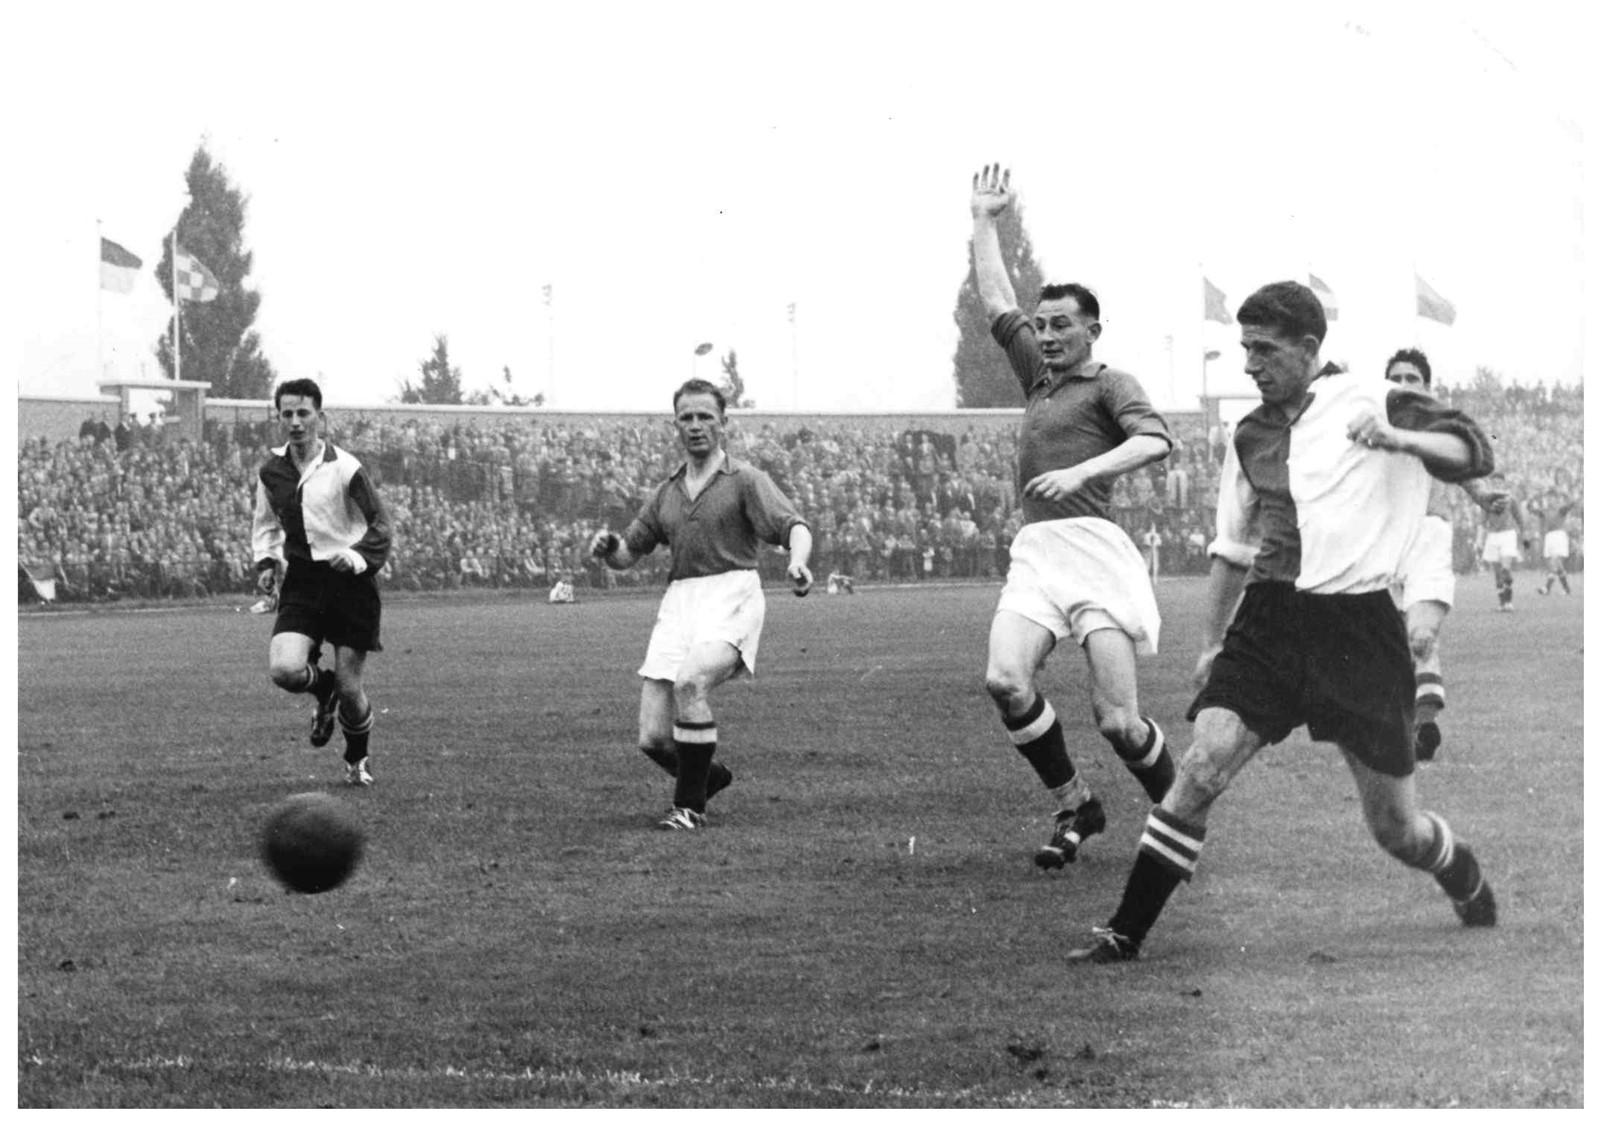 #7 - Na 65 jaar weer Willem II – Feyenoord als openingswedstrijd van het Eredivisie seizoen